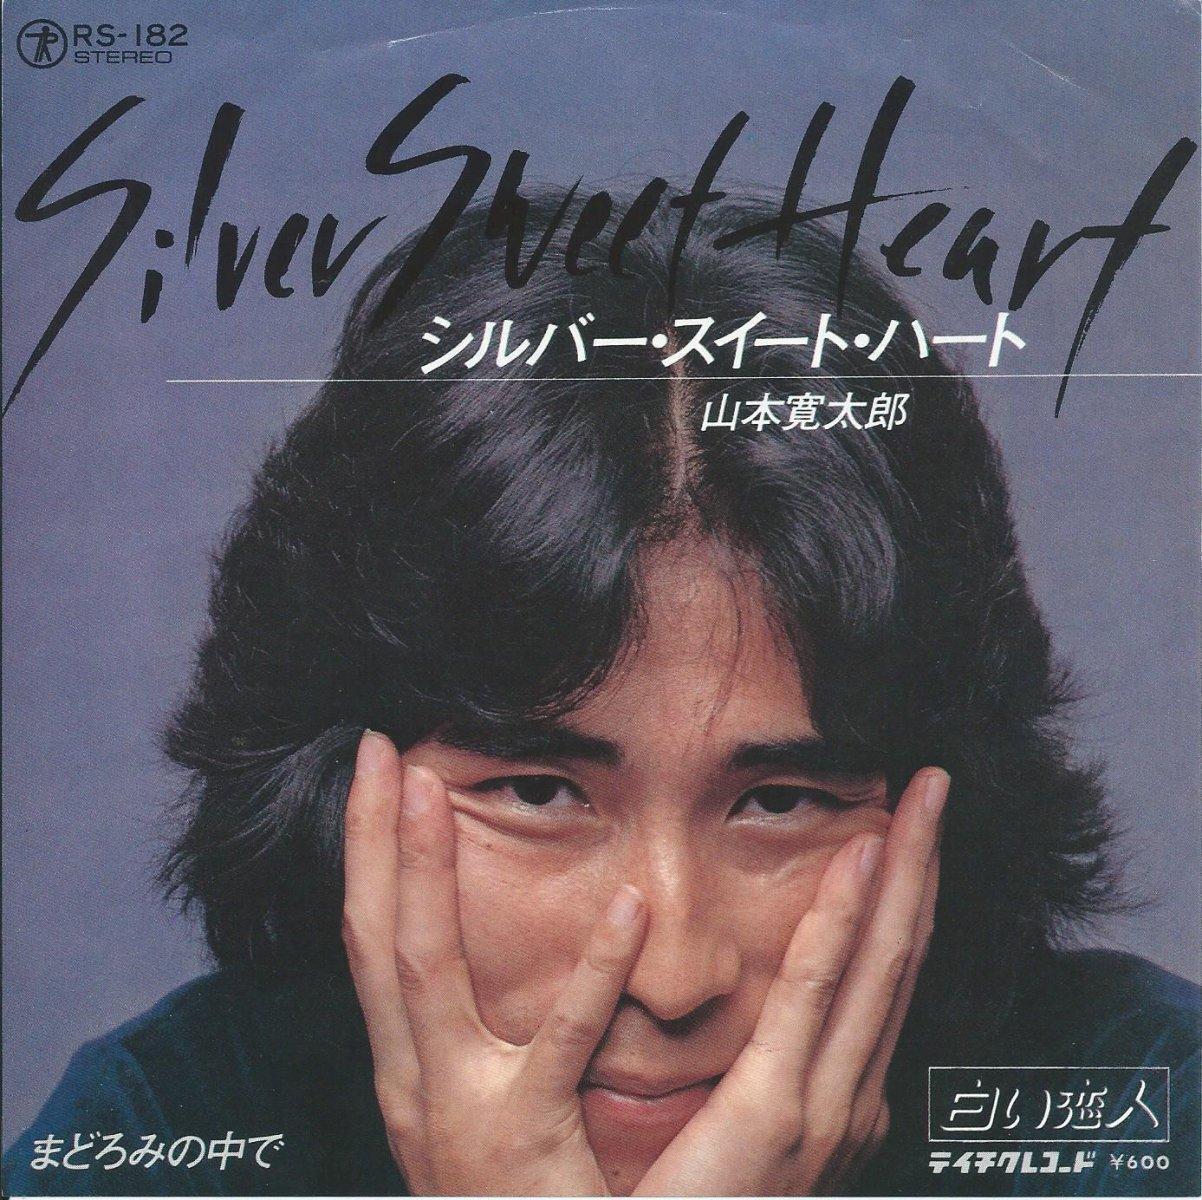 山本寛太郎 (椎名和夫) / シルバー・スイート・ハート SILVER SWEET HEART / まどろみの中で (7